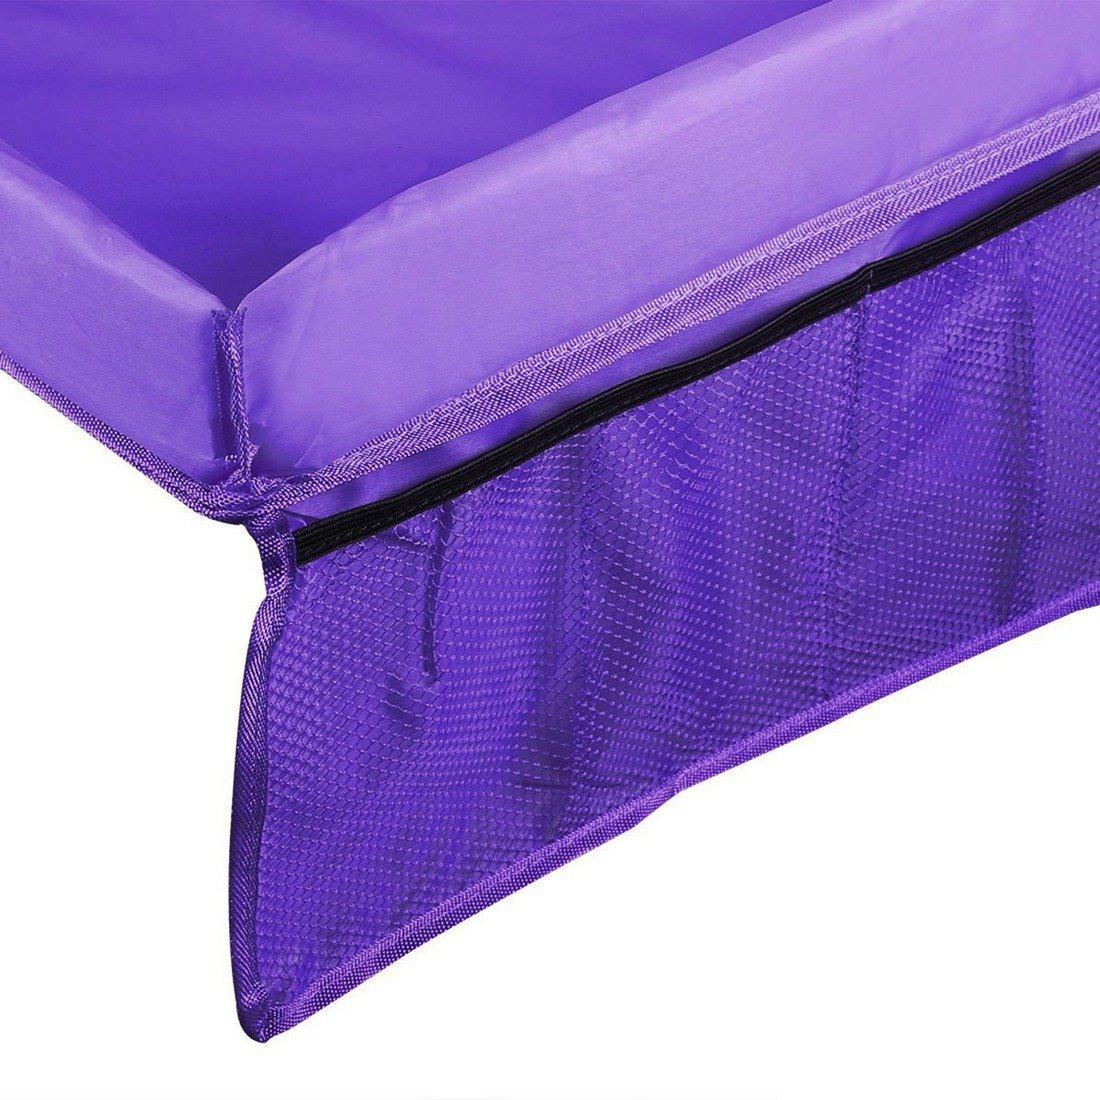 bandeja para asiento de coche talla /única Morado fibra de poli/éster Milong Bandeja de viaje para ni/ños organizador para ni/ños